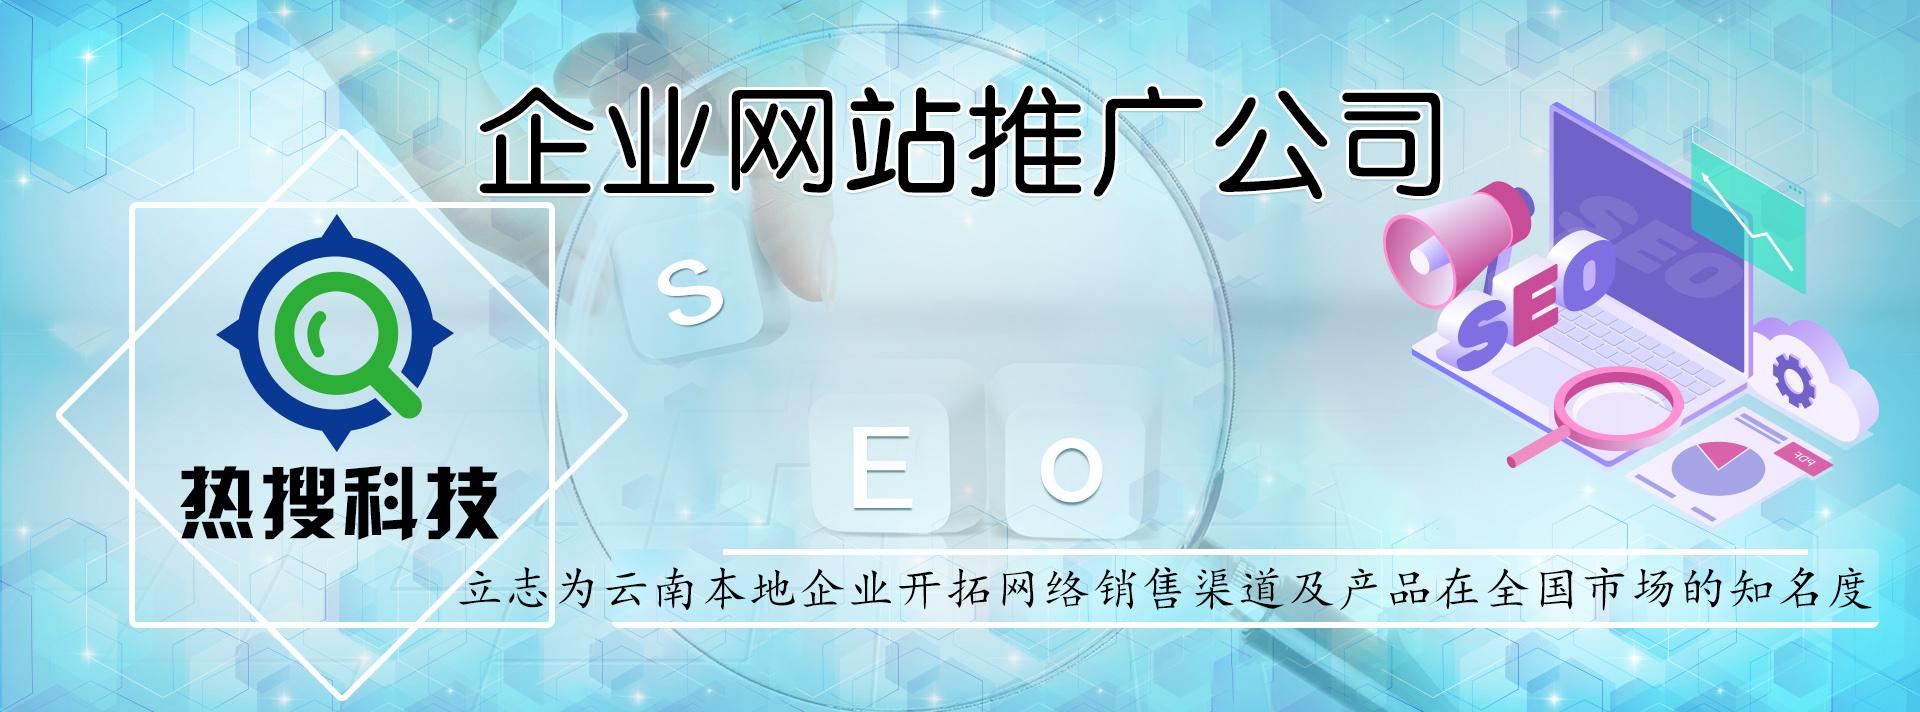 企业网站推广公司